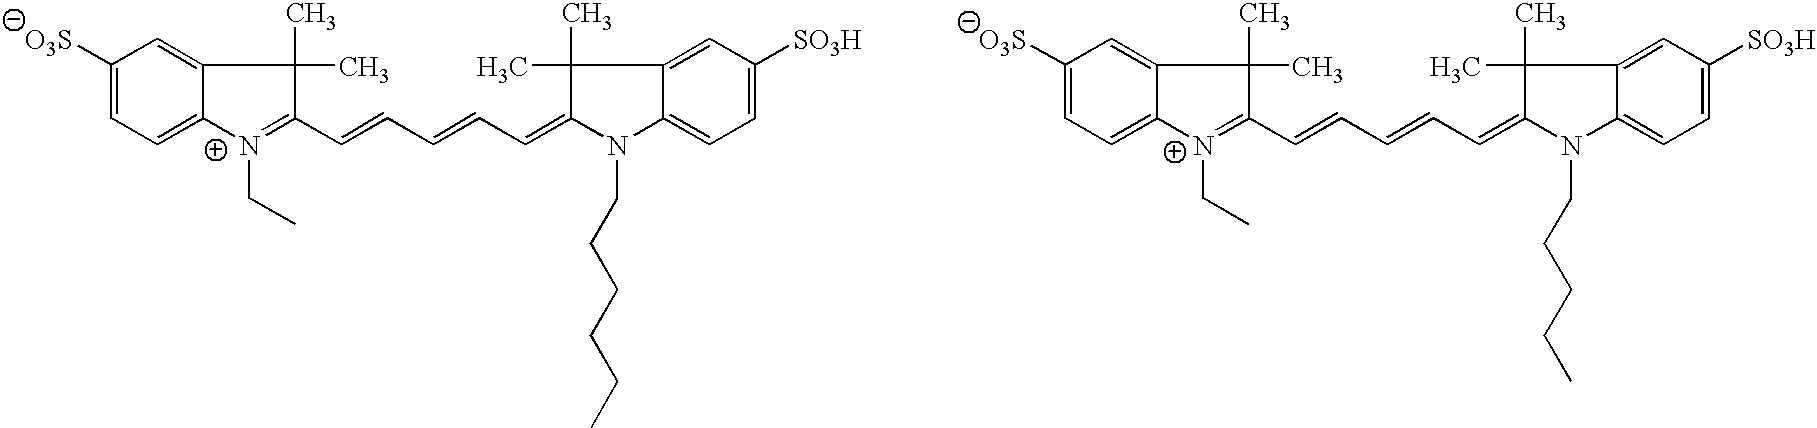 Figure US20070117104A1-20070524-C00007